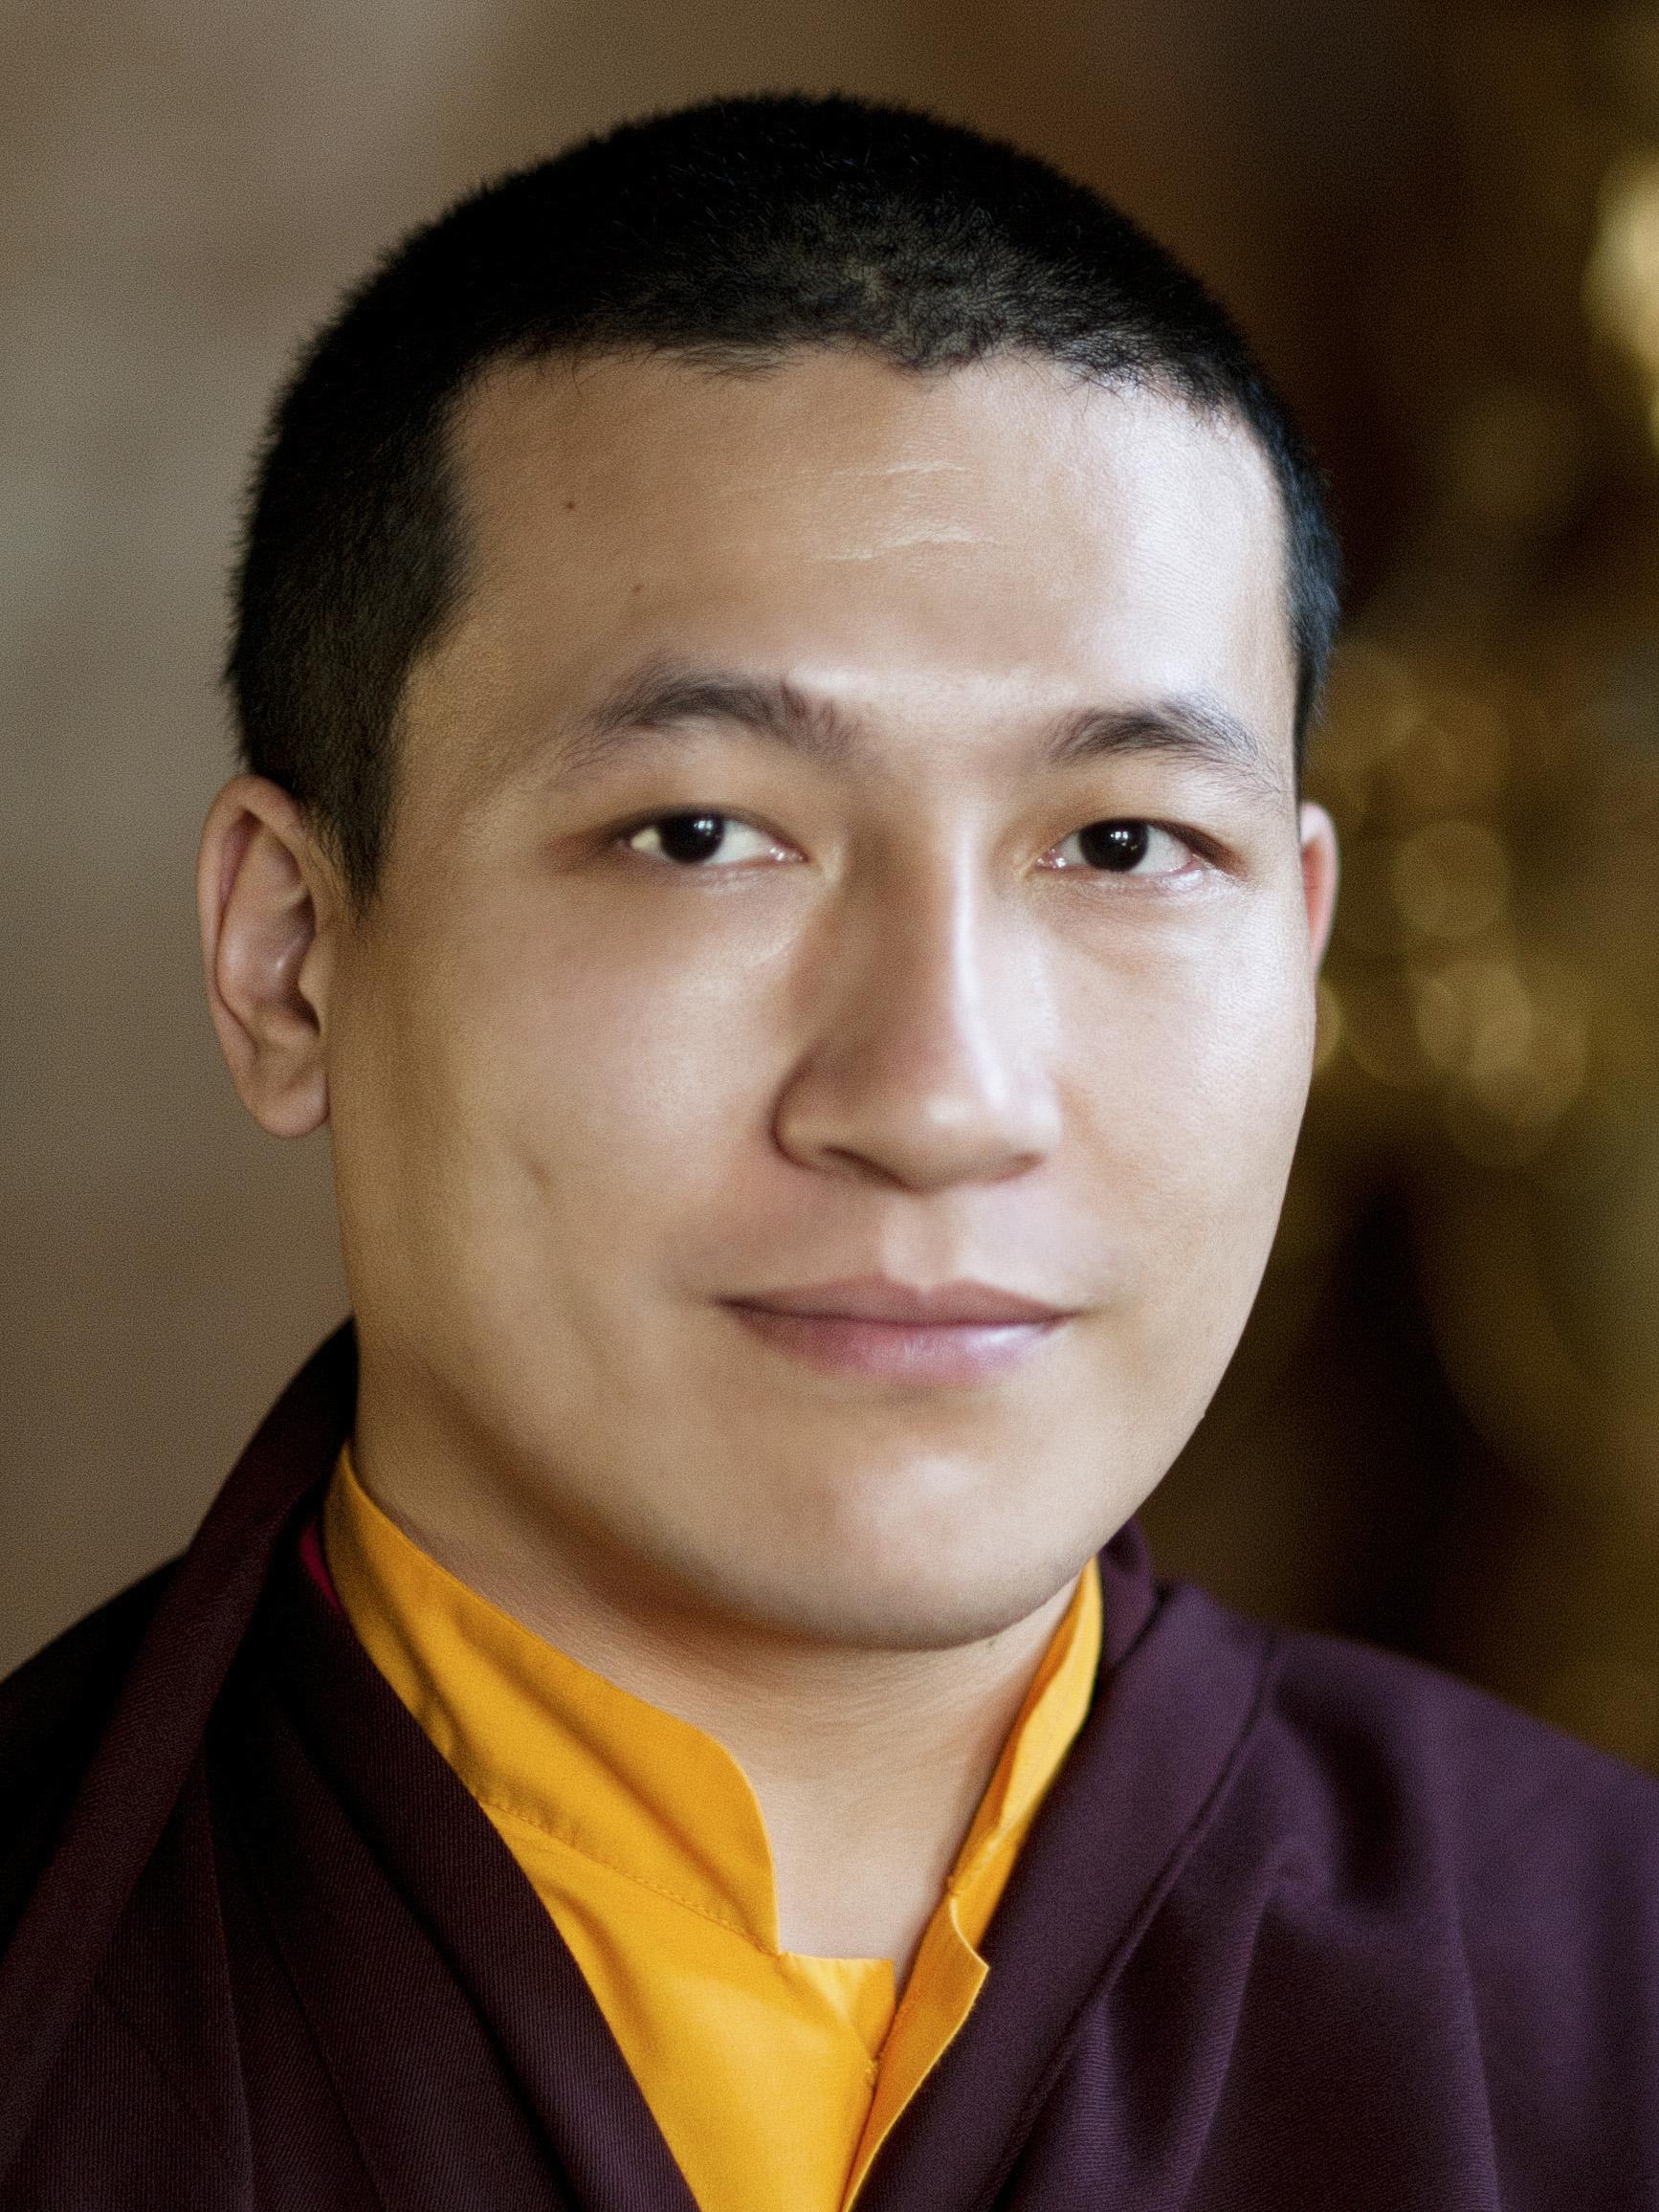 The 17th Karmapa, Thaye Dorje